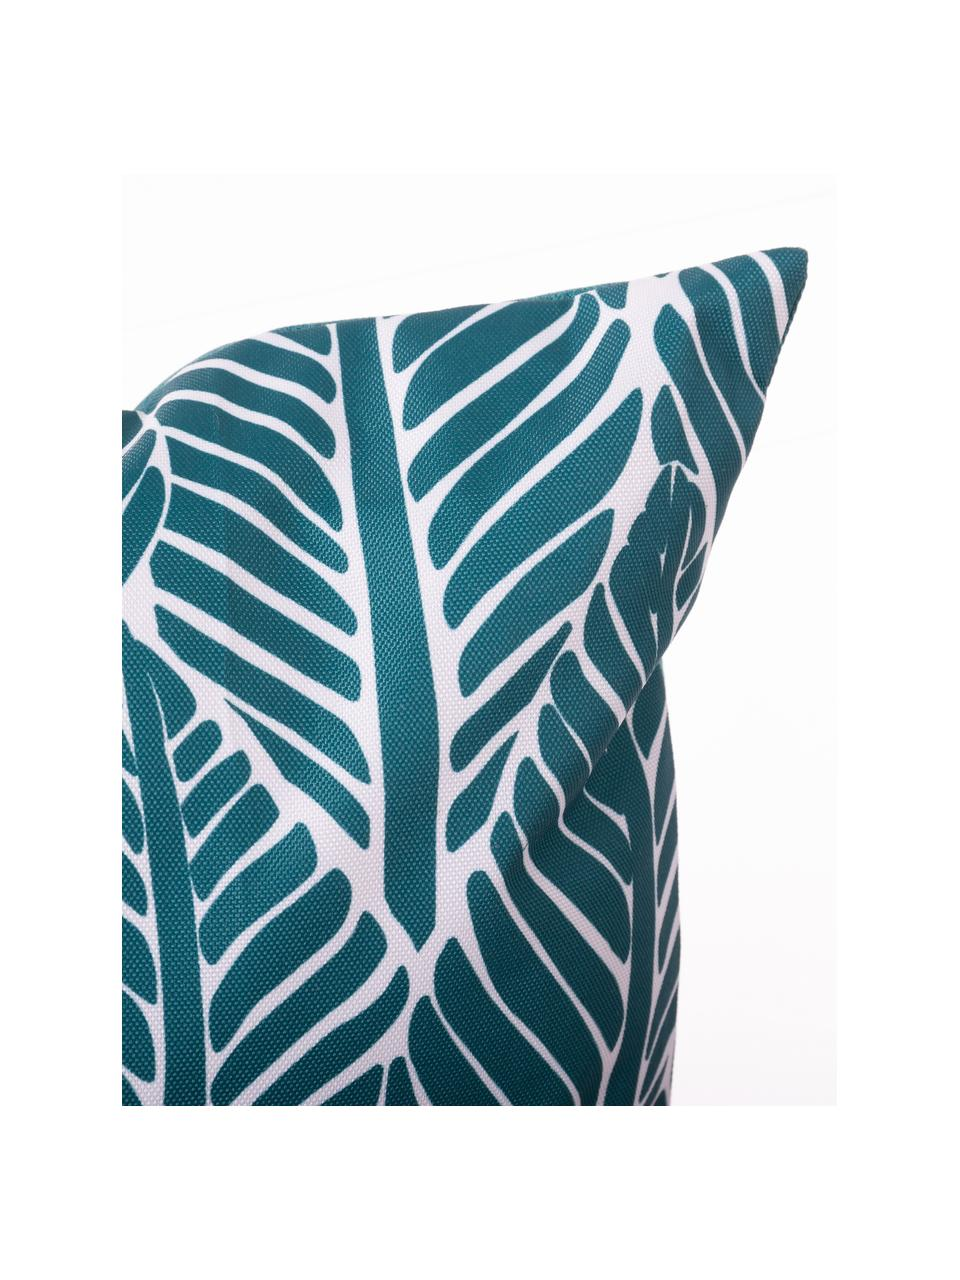 Outdoor-Kissen Sanka mit Blättermotiv, mit Inlett, 100% Polyester, Blau, 45 x 45 cm